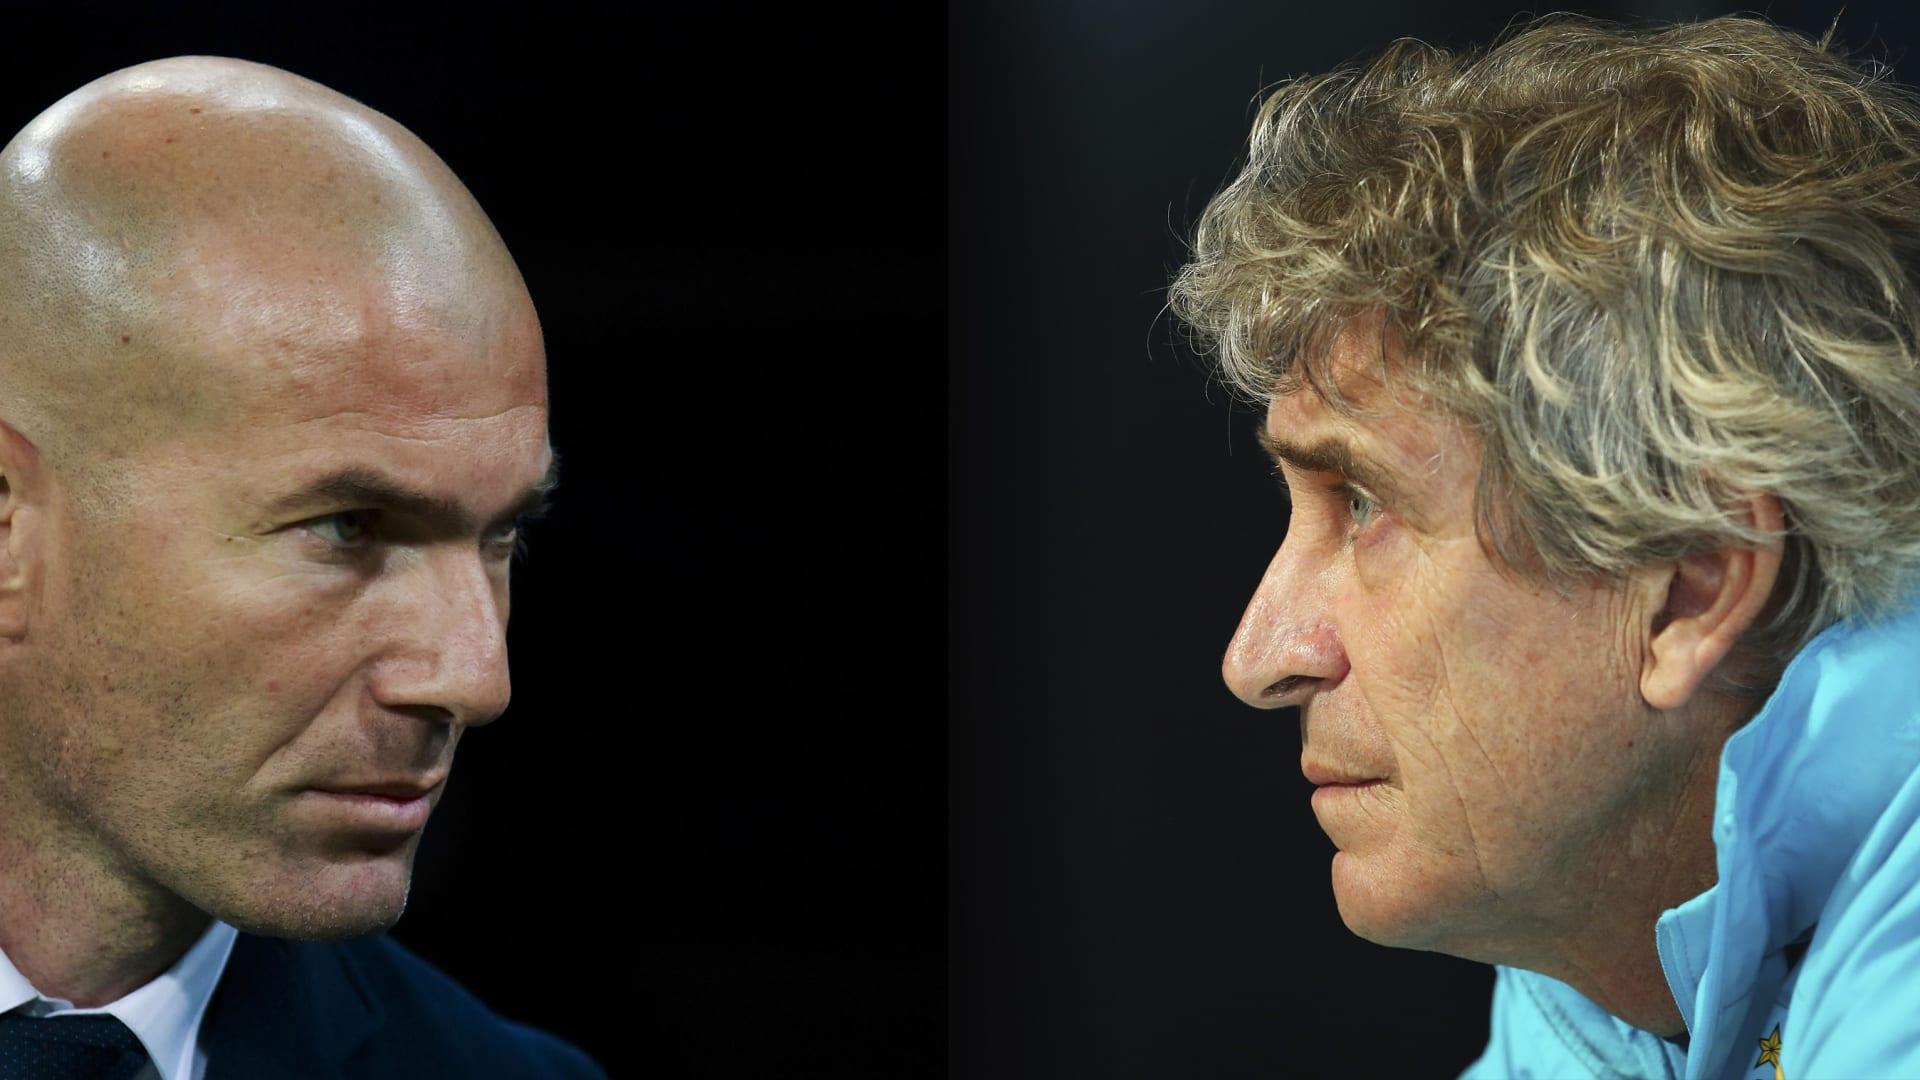 بالصور: ريال مدريد ضيف ثقيل على الاتحاد للمرة الأولى في المربع الذهبي